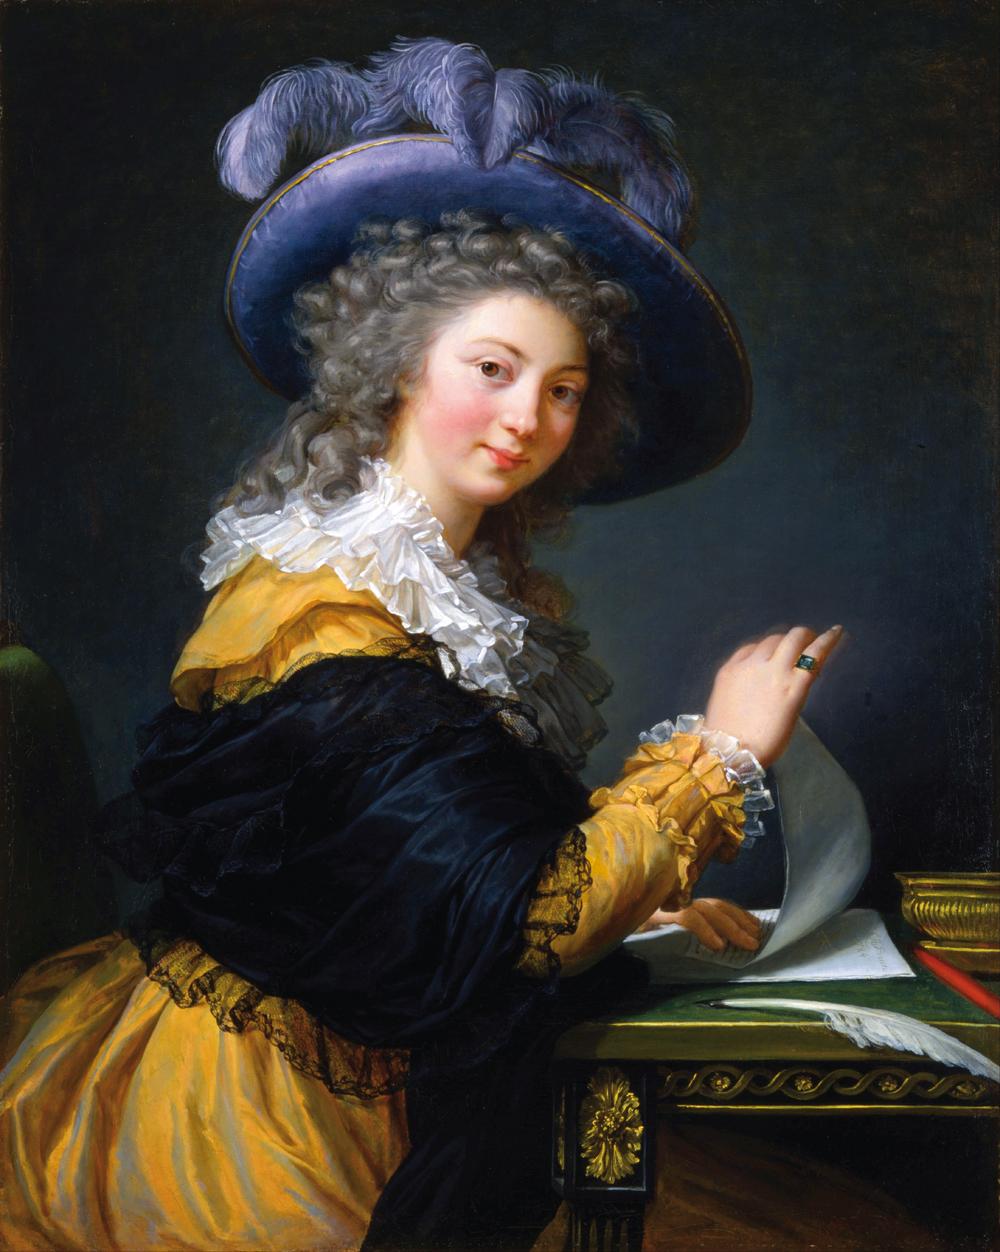 Élisabeth Vigée Le Brun, Autoportret, 1790, olej na płótnie, 102 x 81 cm, własność prywatna, materiały prasowe MNW